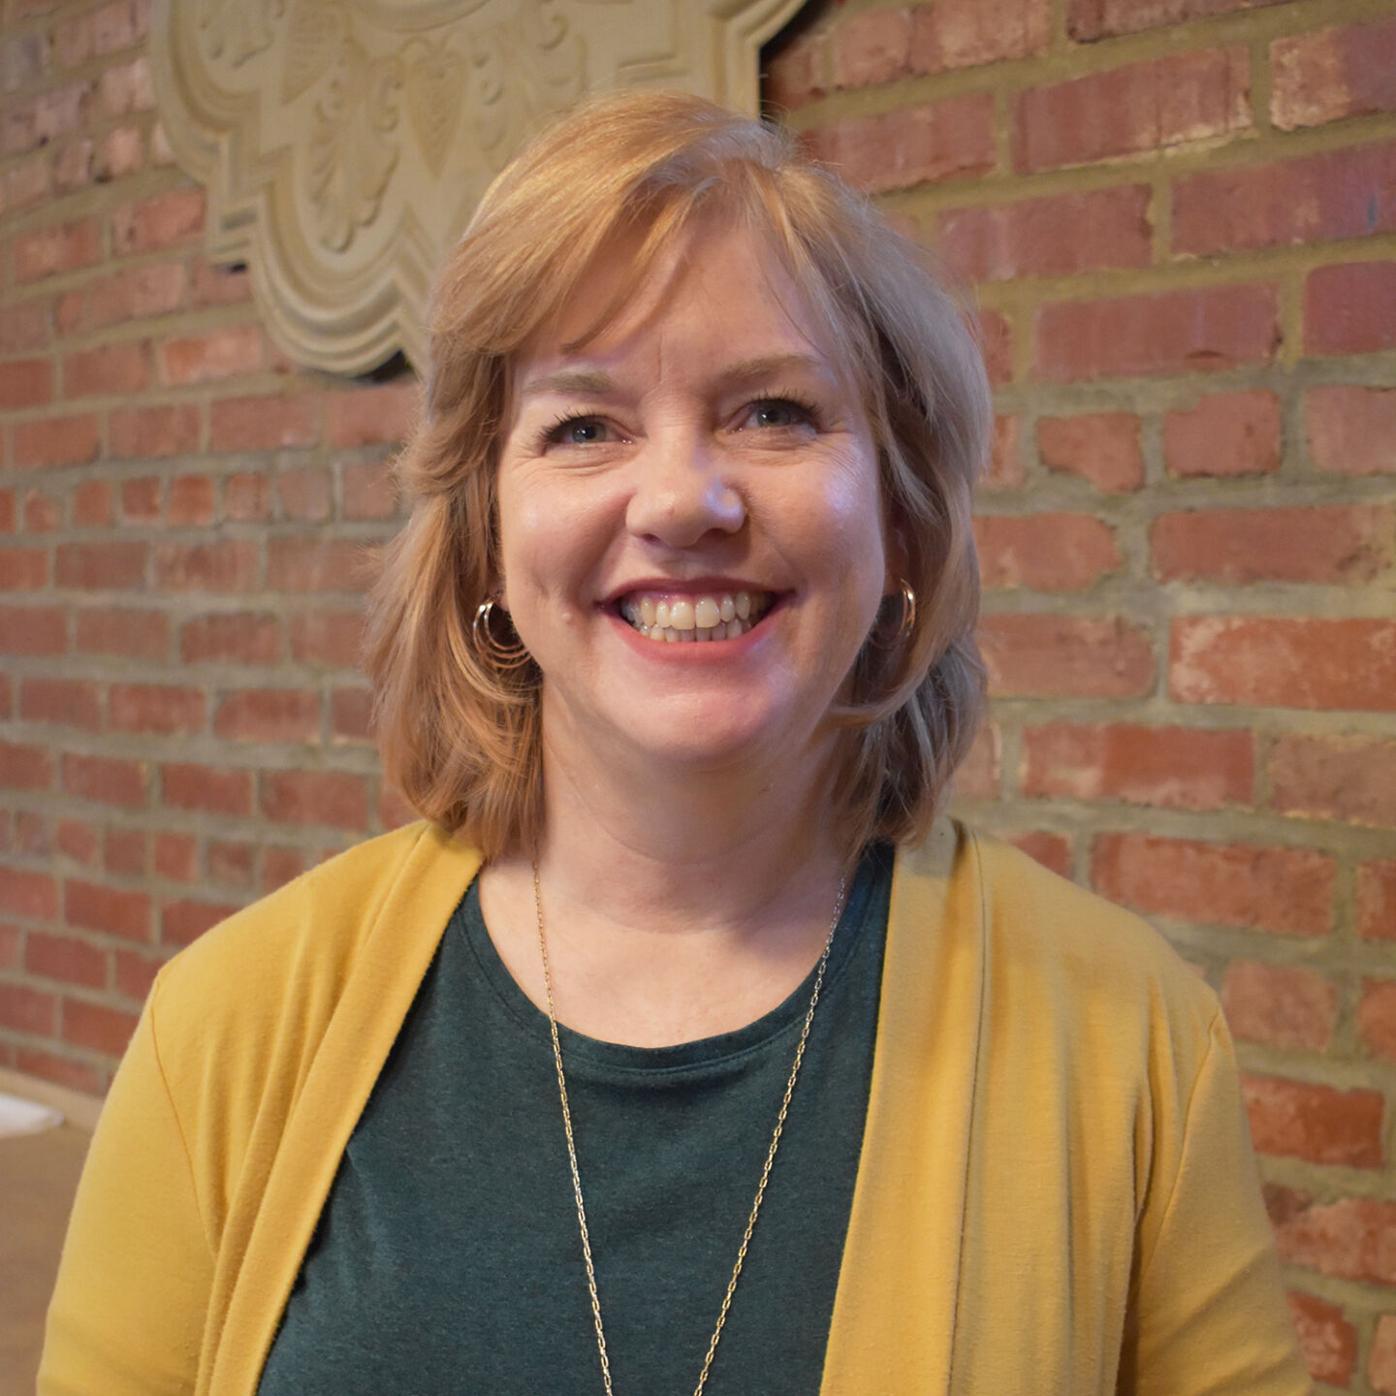 Lisa Frogge